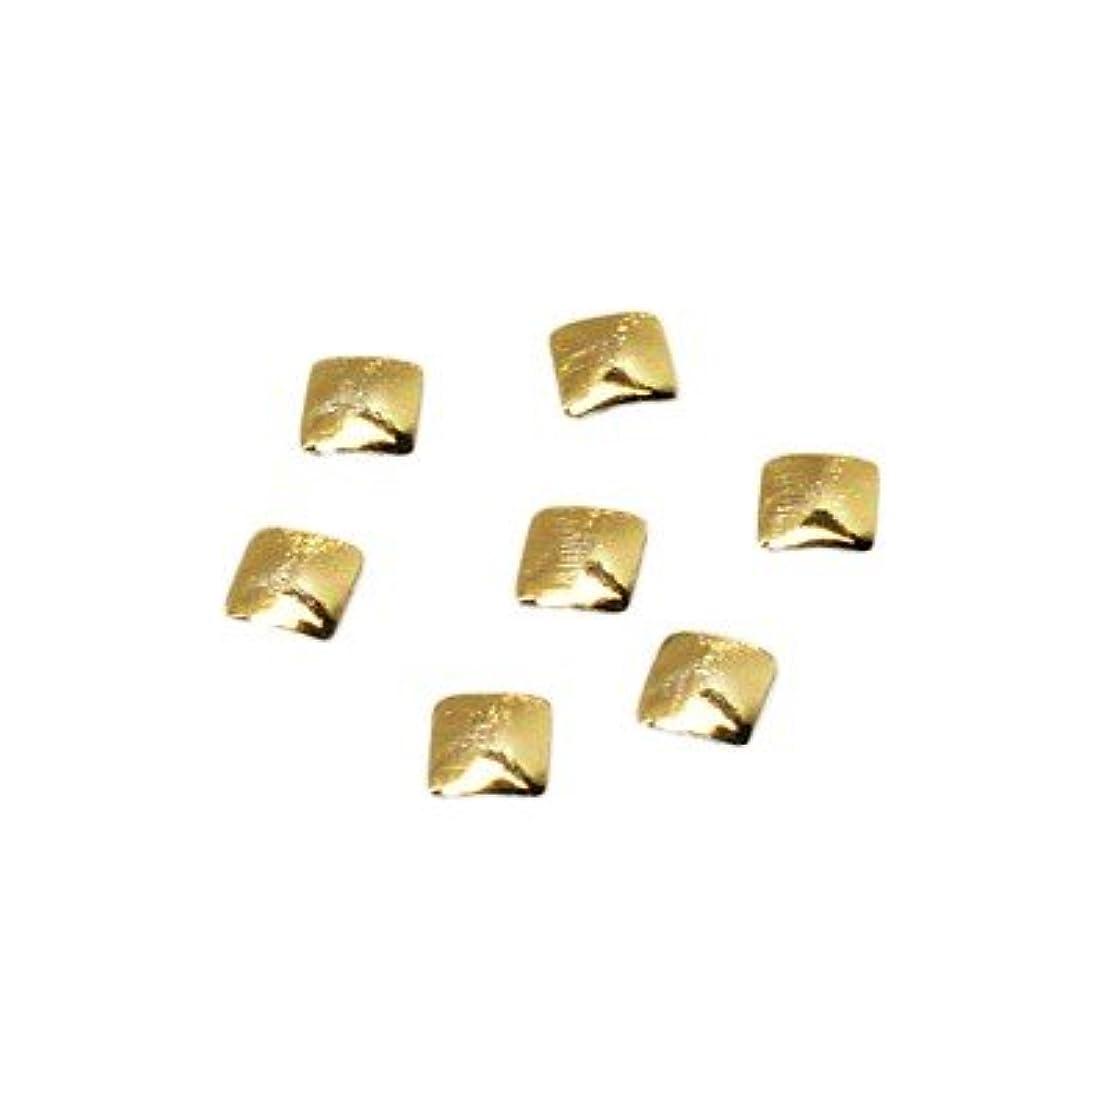 ほとんどない最初に成長するクレア スクエアスタッズ SS GOL ゴールド 0.36g